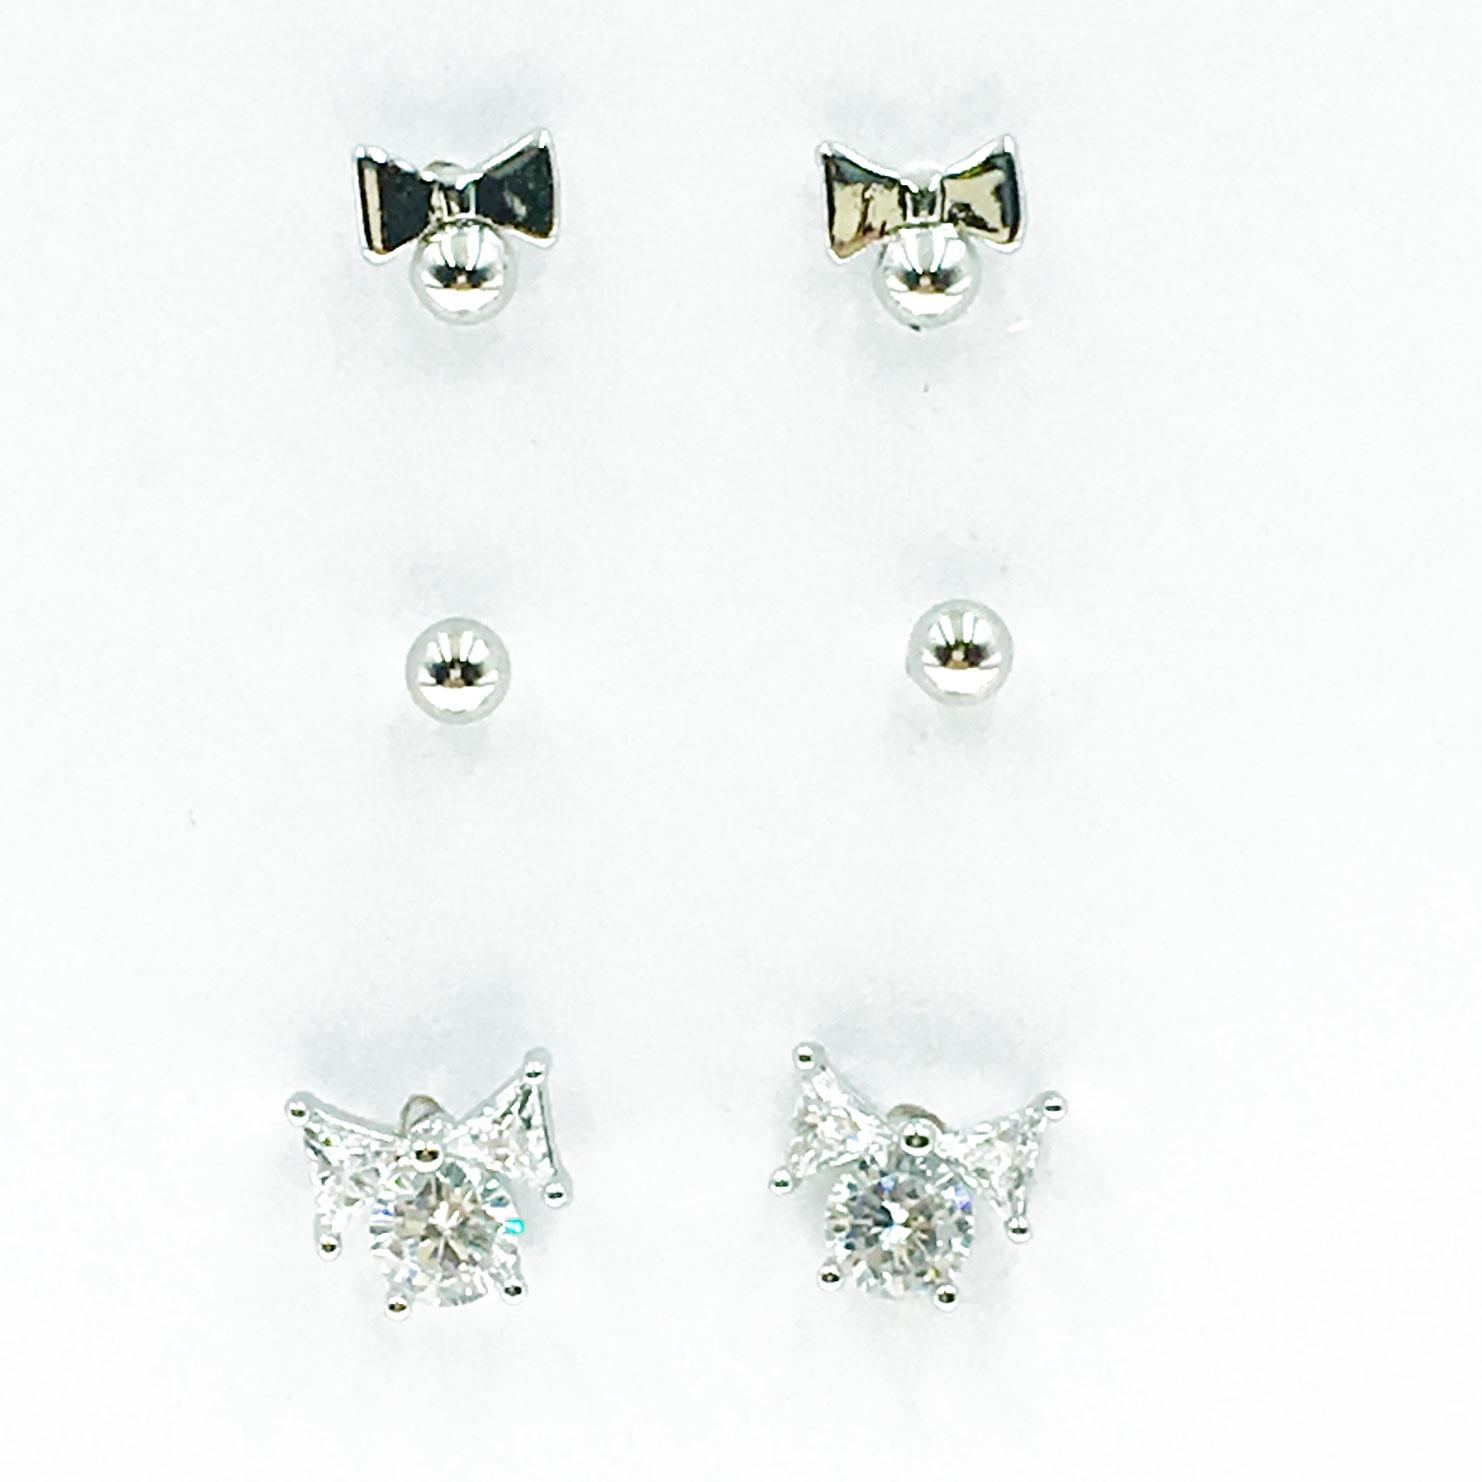 韓國 925純銀 水鑽 蝴蝶結 6入組 耳針式 耳環